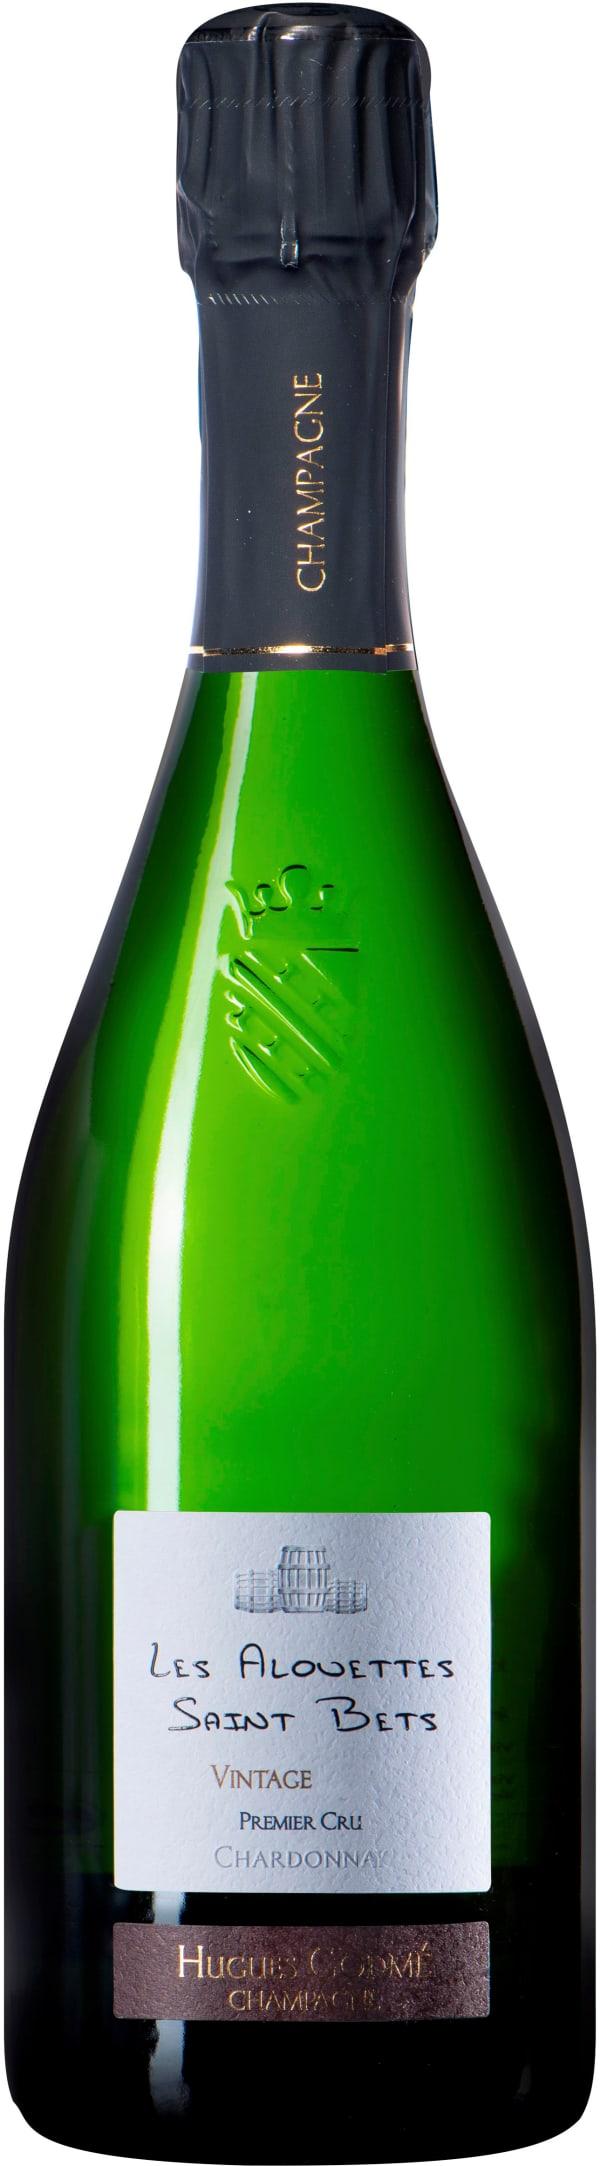 Hugues Godme Les Alouettes Saint Bets Premier Cru Champagne Extra Brut 2010